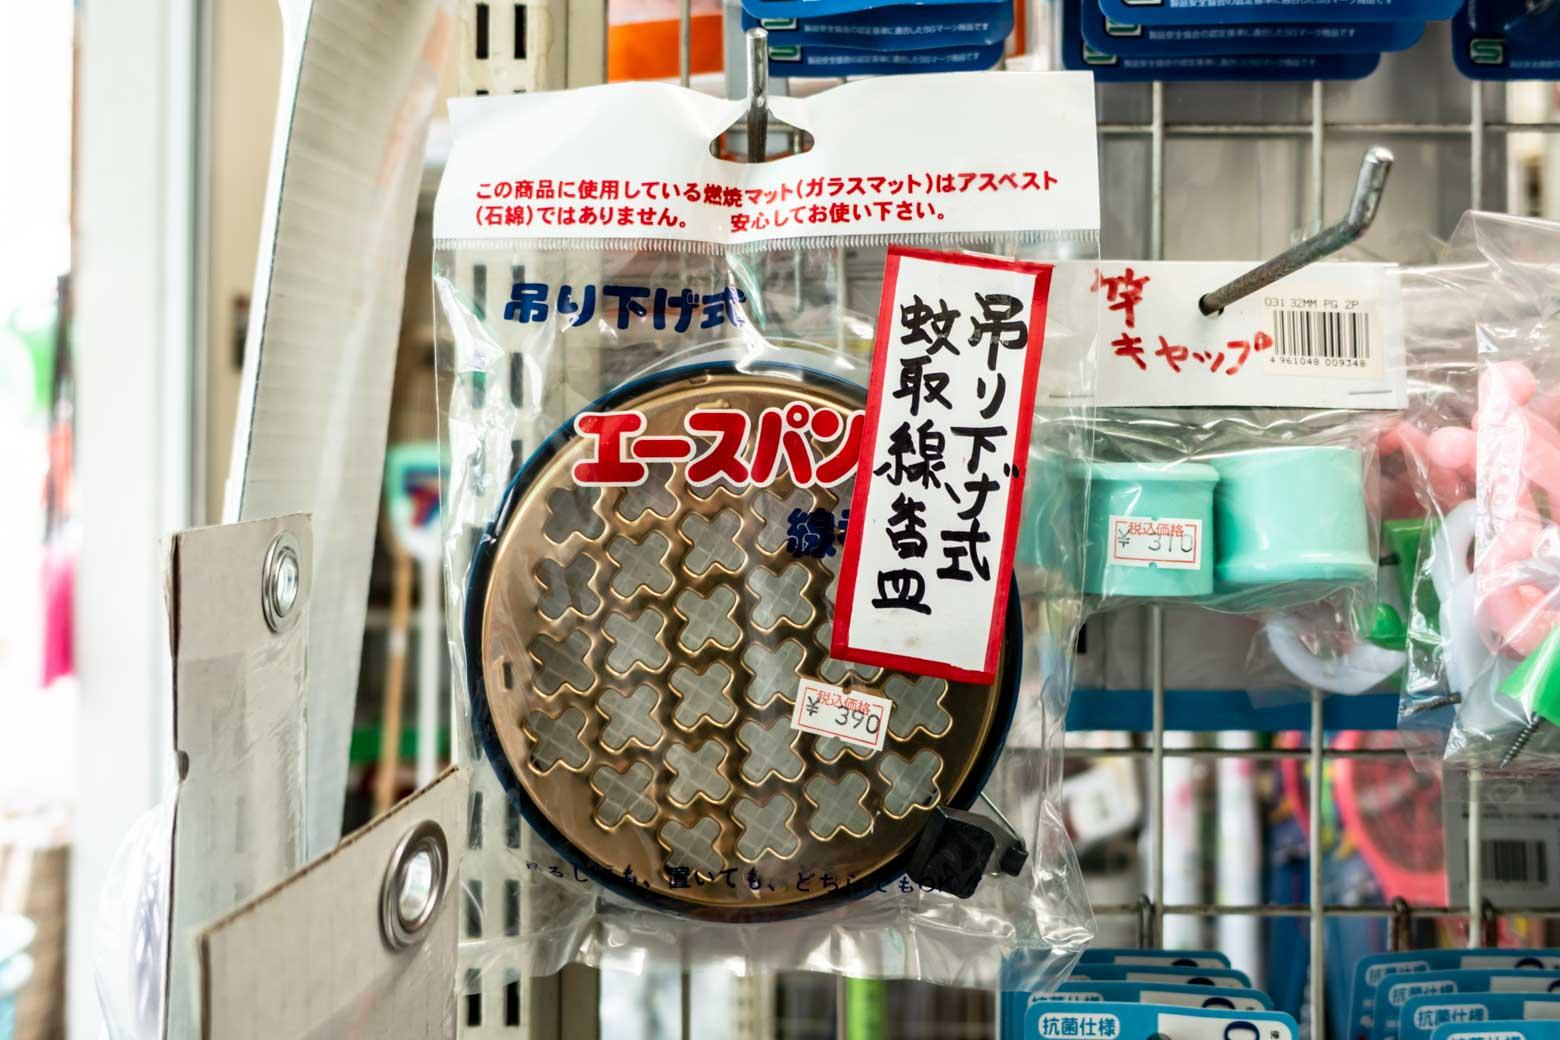 こちらでは携帯できる蚊遣り器を購入。蚊が増えるこれからの季節、重宝しそうです。ドッキリヤミ市場に行くときに持っていこうかな。